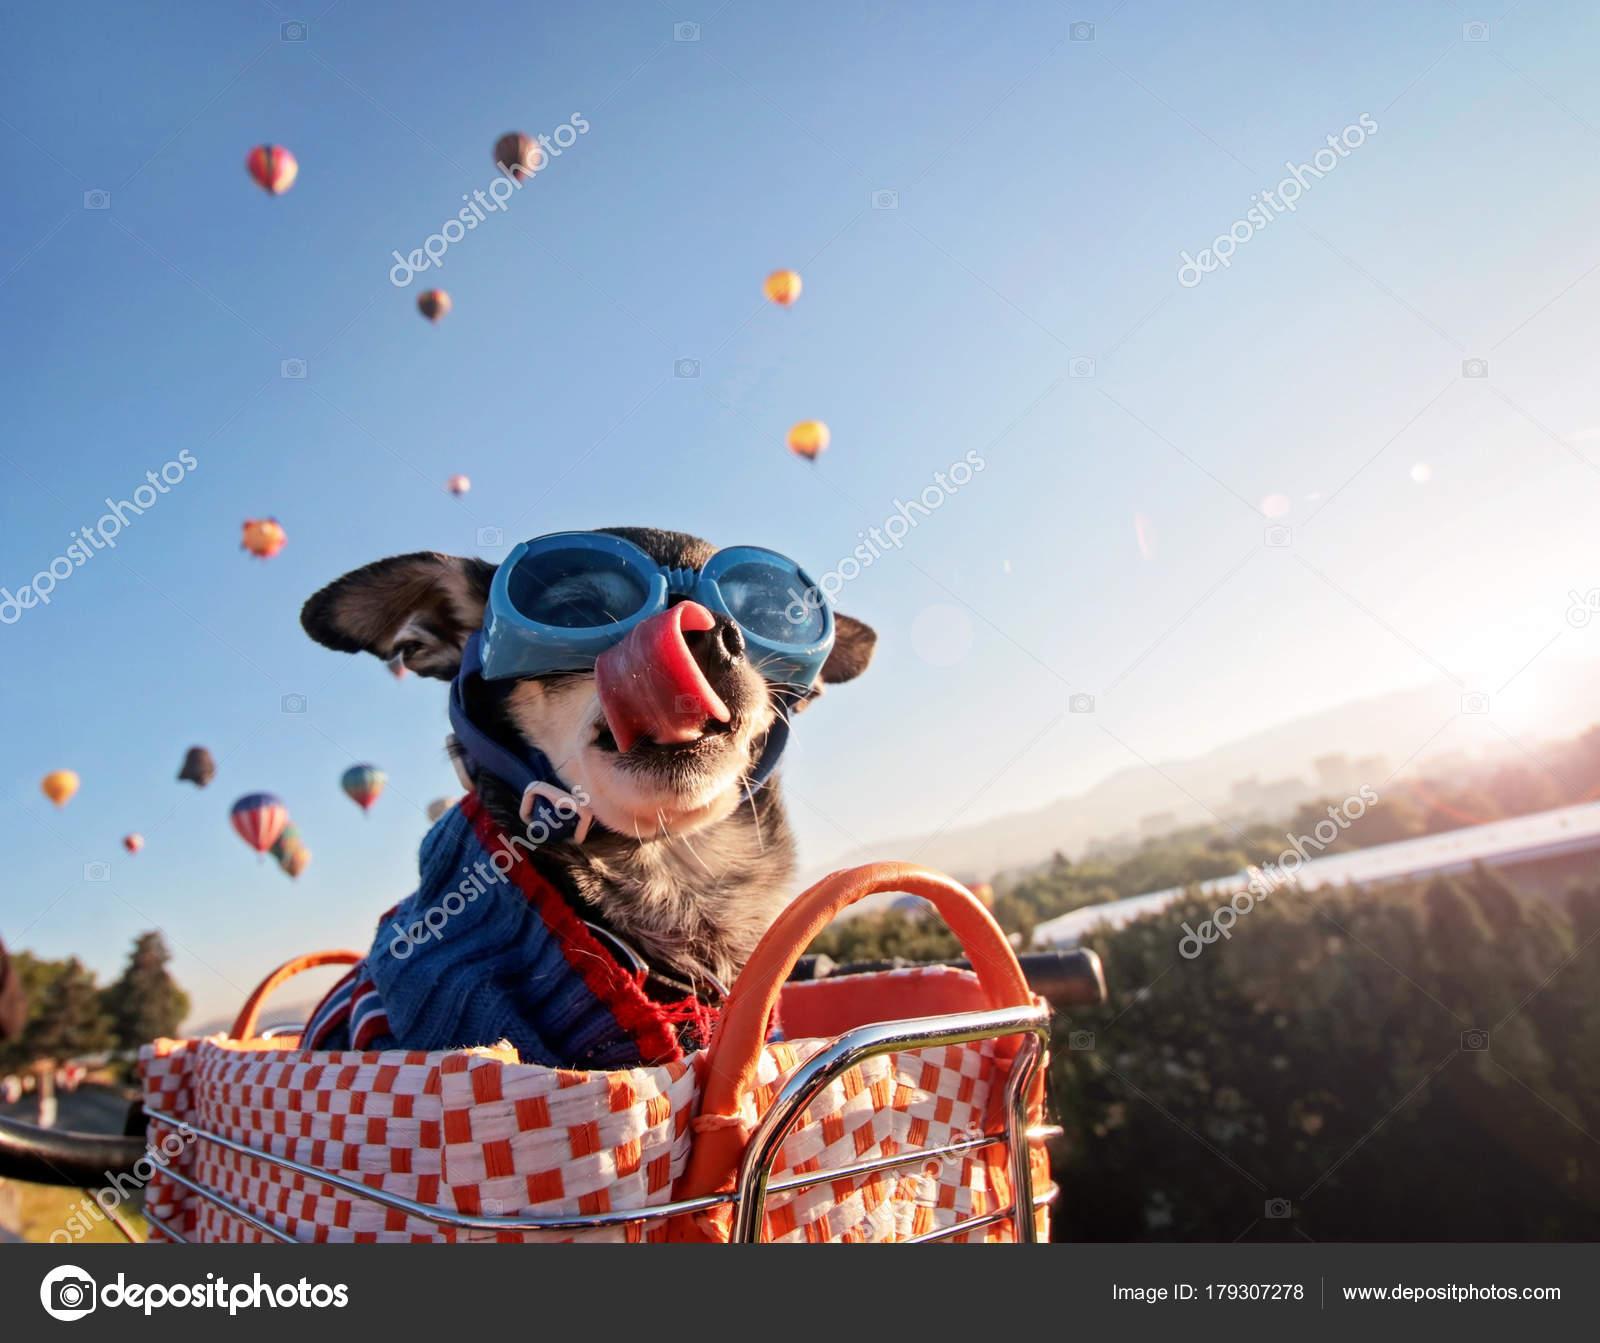 89c68010c1 Adorable chihuahua dans un panier de vélo à un festival de lancement  montgolfières au lever du soleil léchant le nez et vêtu d'un pull et  lunettes de ...